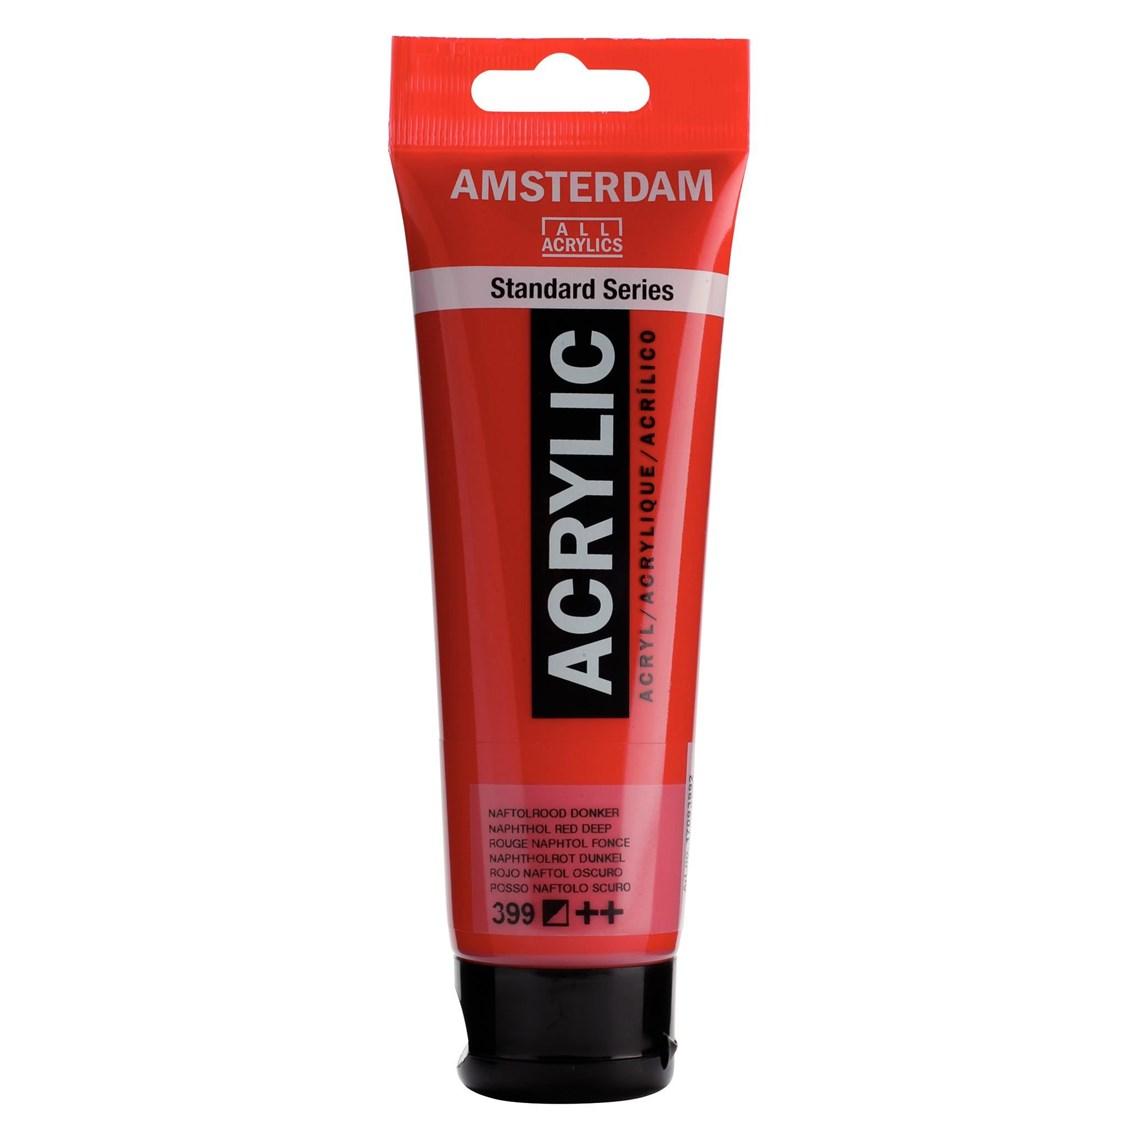 Amsterdam acrylverf Naftolrood donker 399 Angelart Kunst en zo